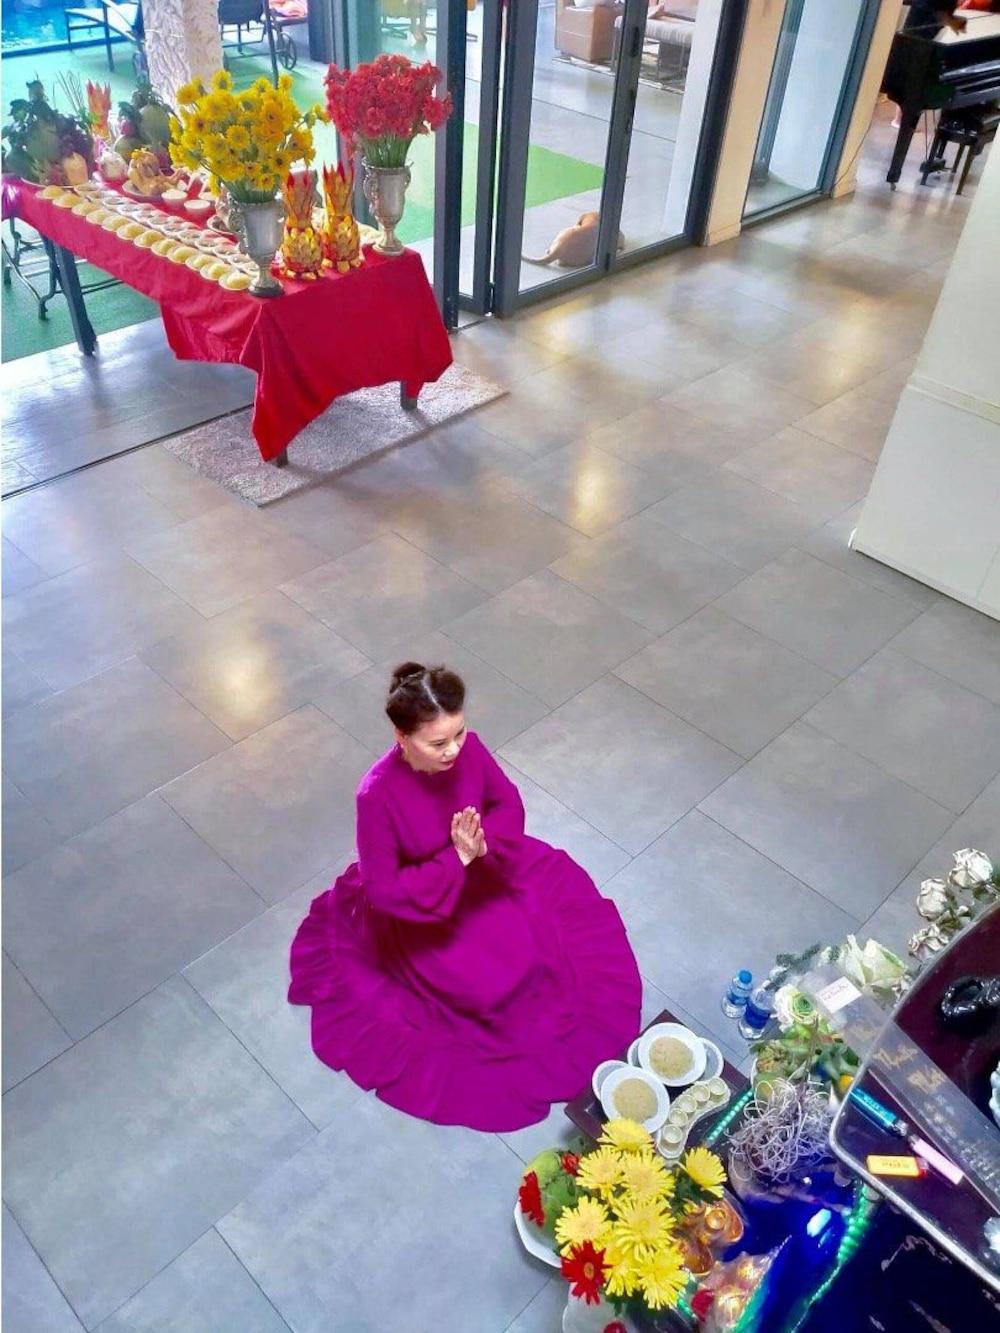 Mẹ của Hồ Ngọc Hà đã ở bên hỗ trợ con gái cúng kiếng và thành khẩn cầu nguyện những điều an lành cho hai cháu ngoại